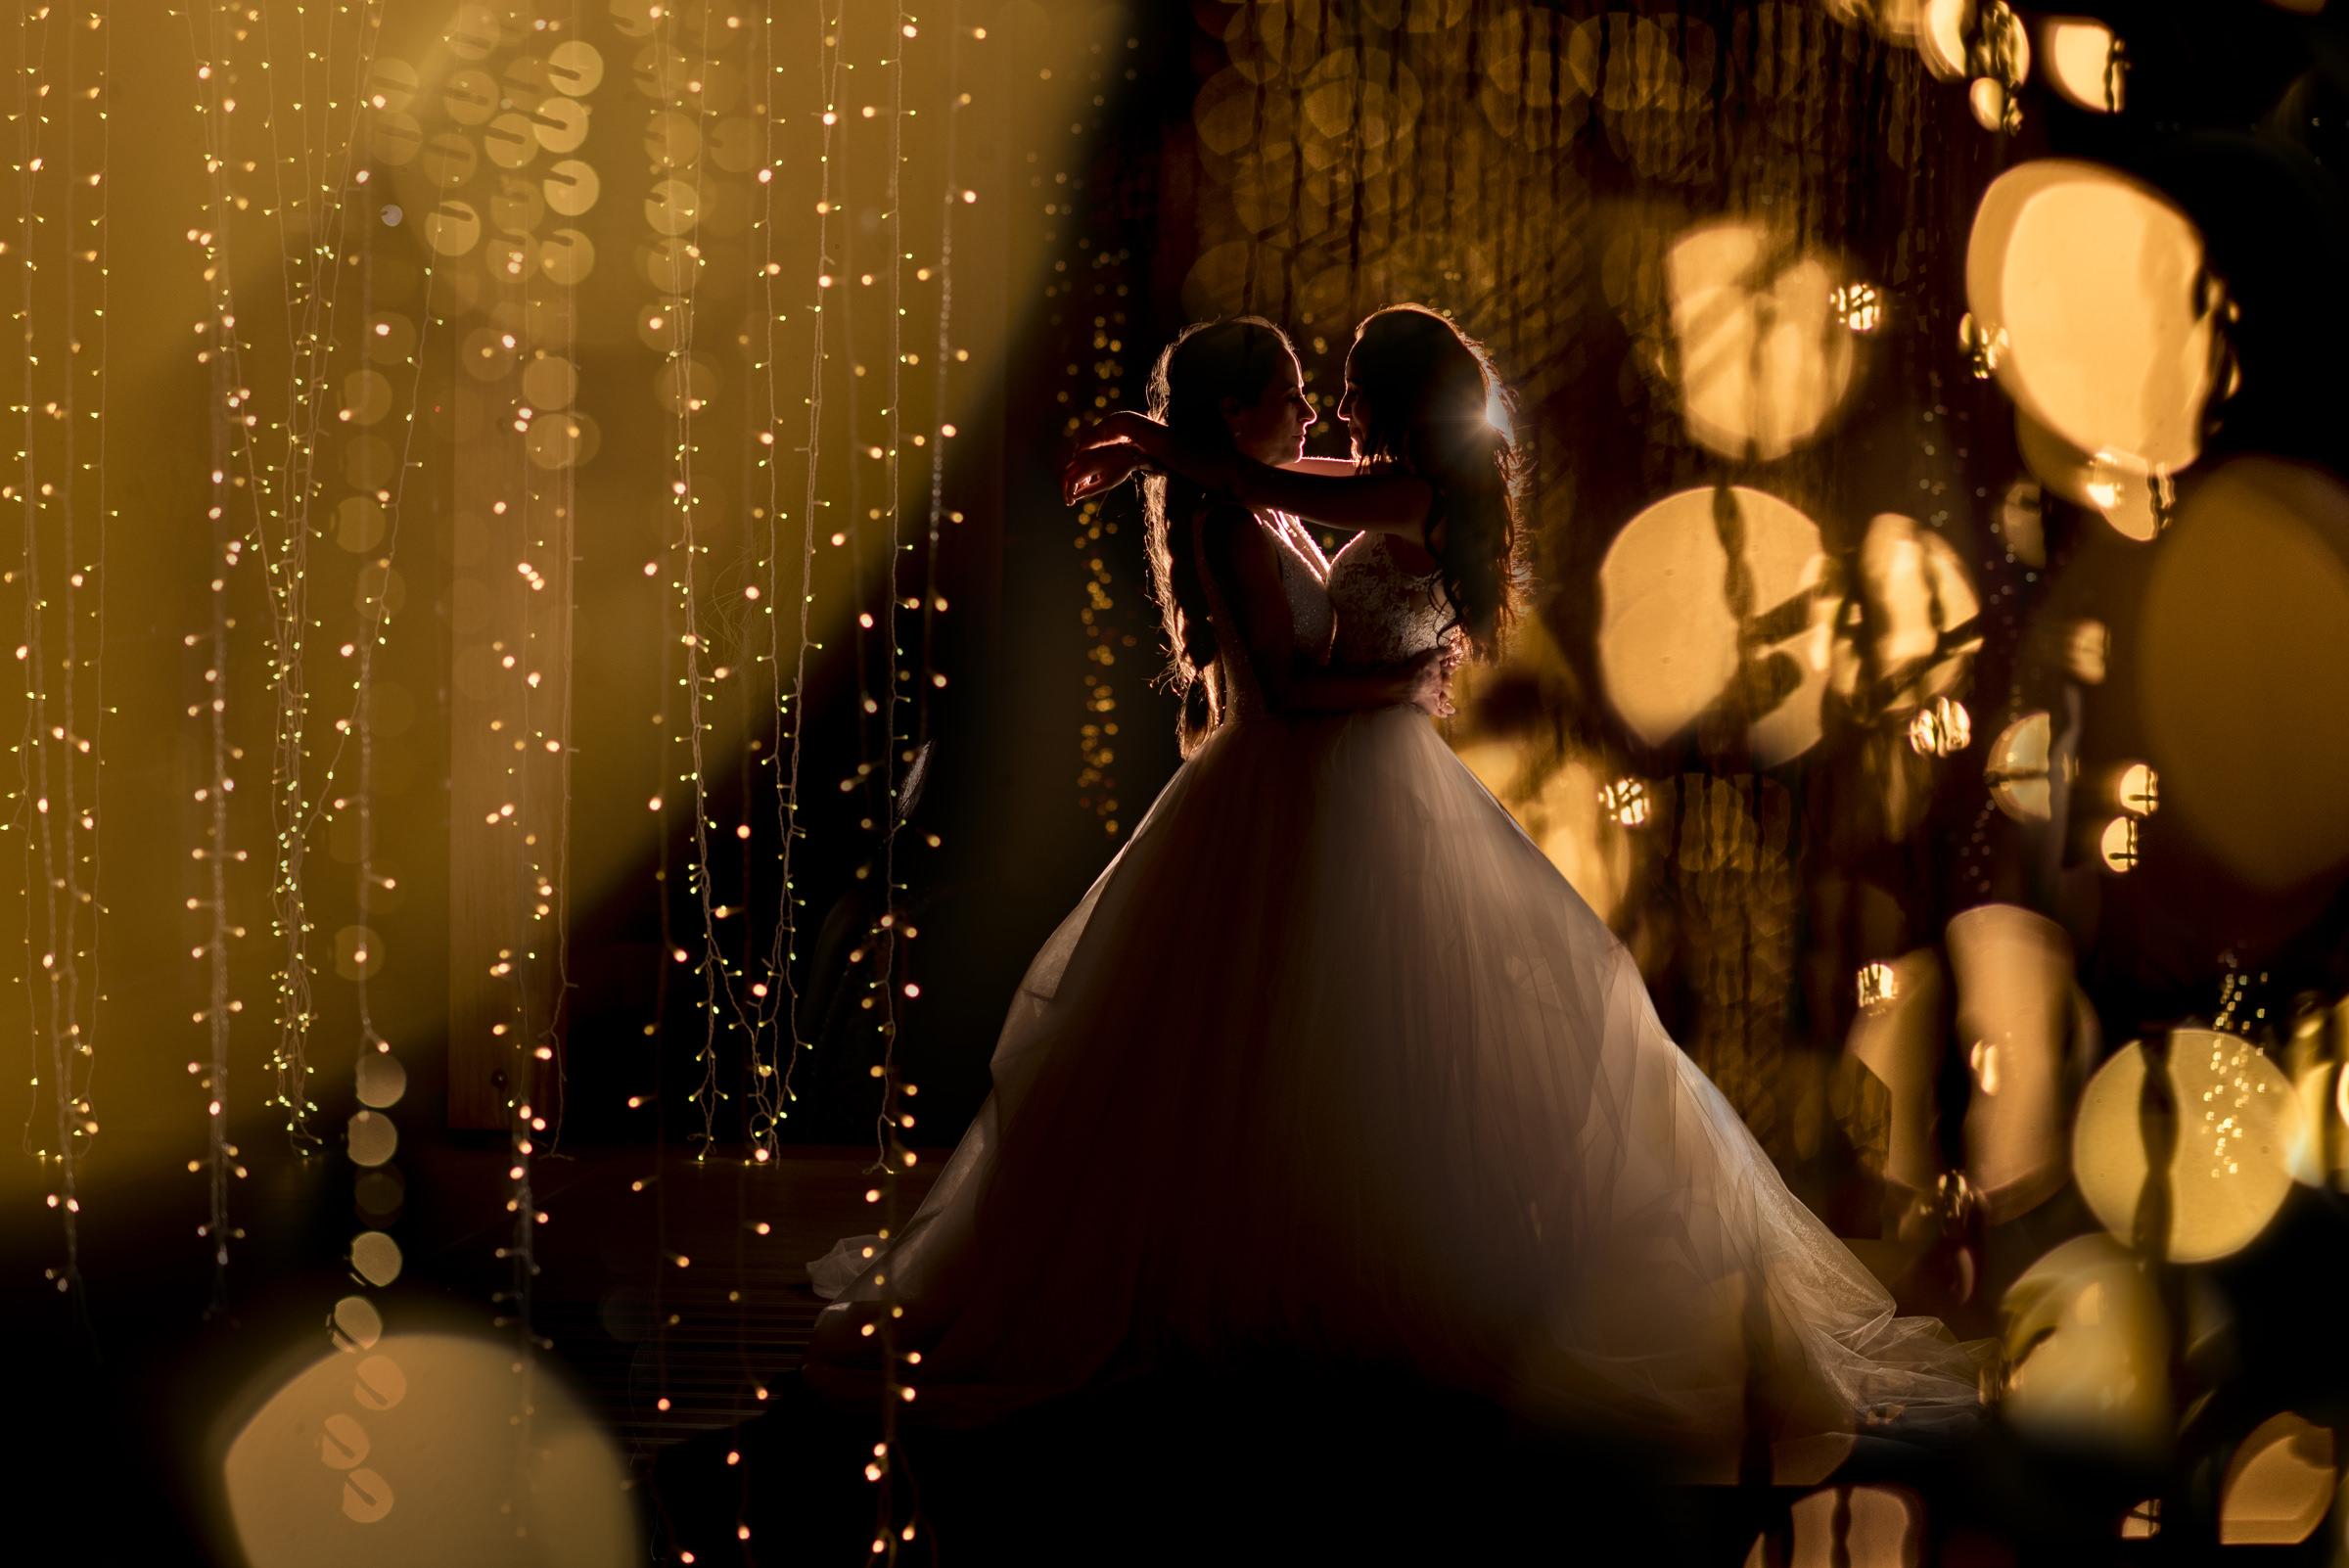 Bokeh portrait of two brides in princess dresses - photo by Jacki Bruniquel